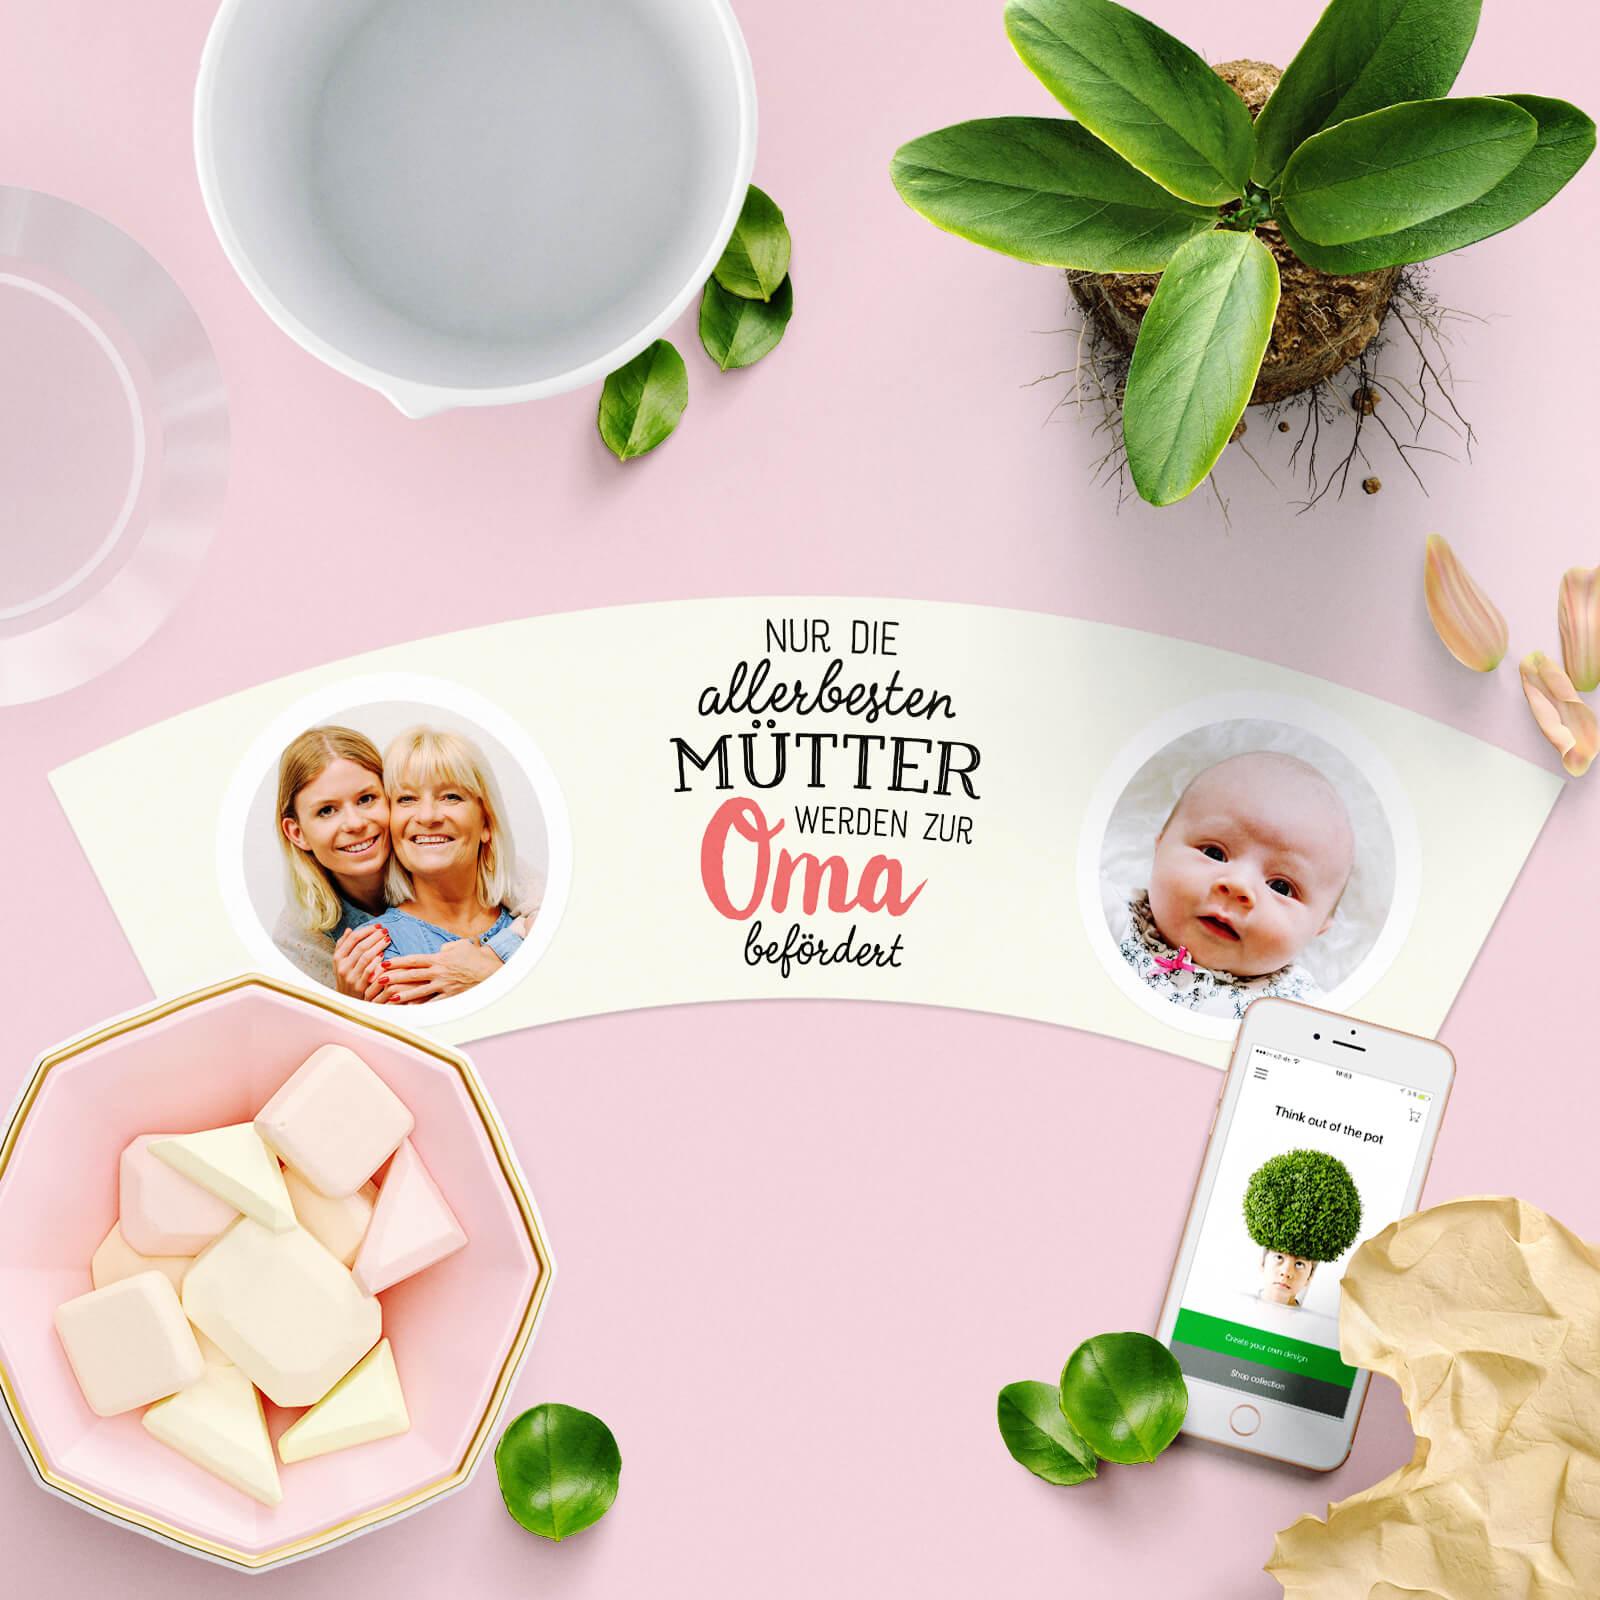 Nur die allerbesten Mütter werden zur Oma befördert – MyFacepot